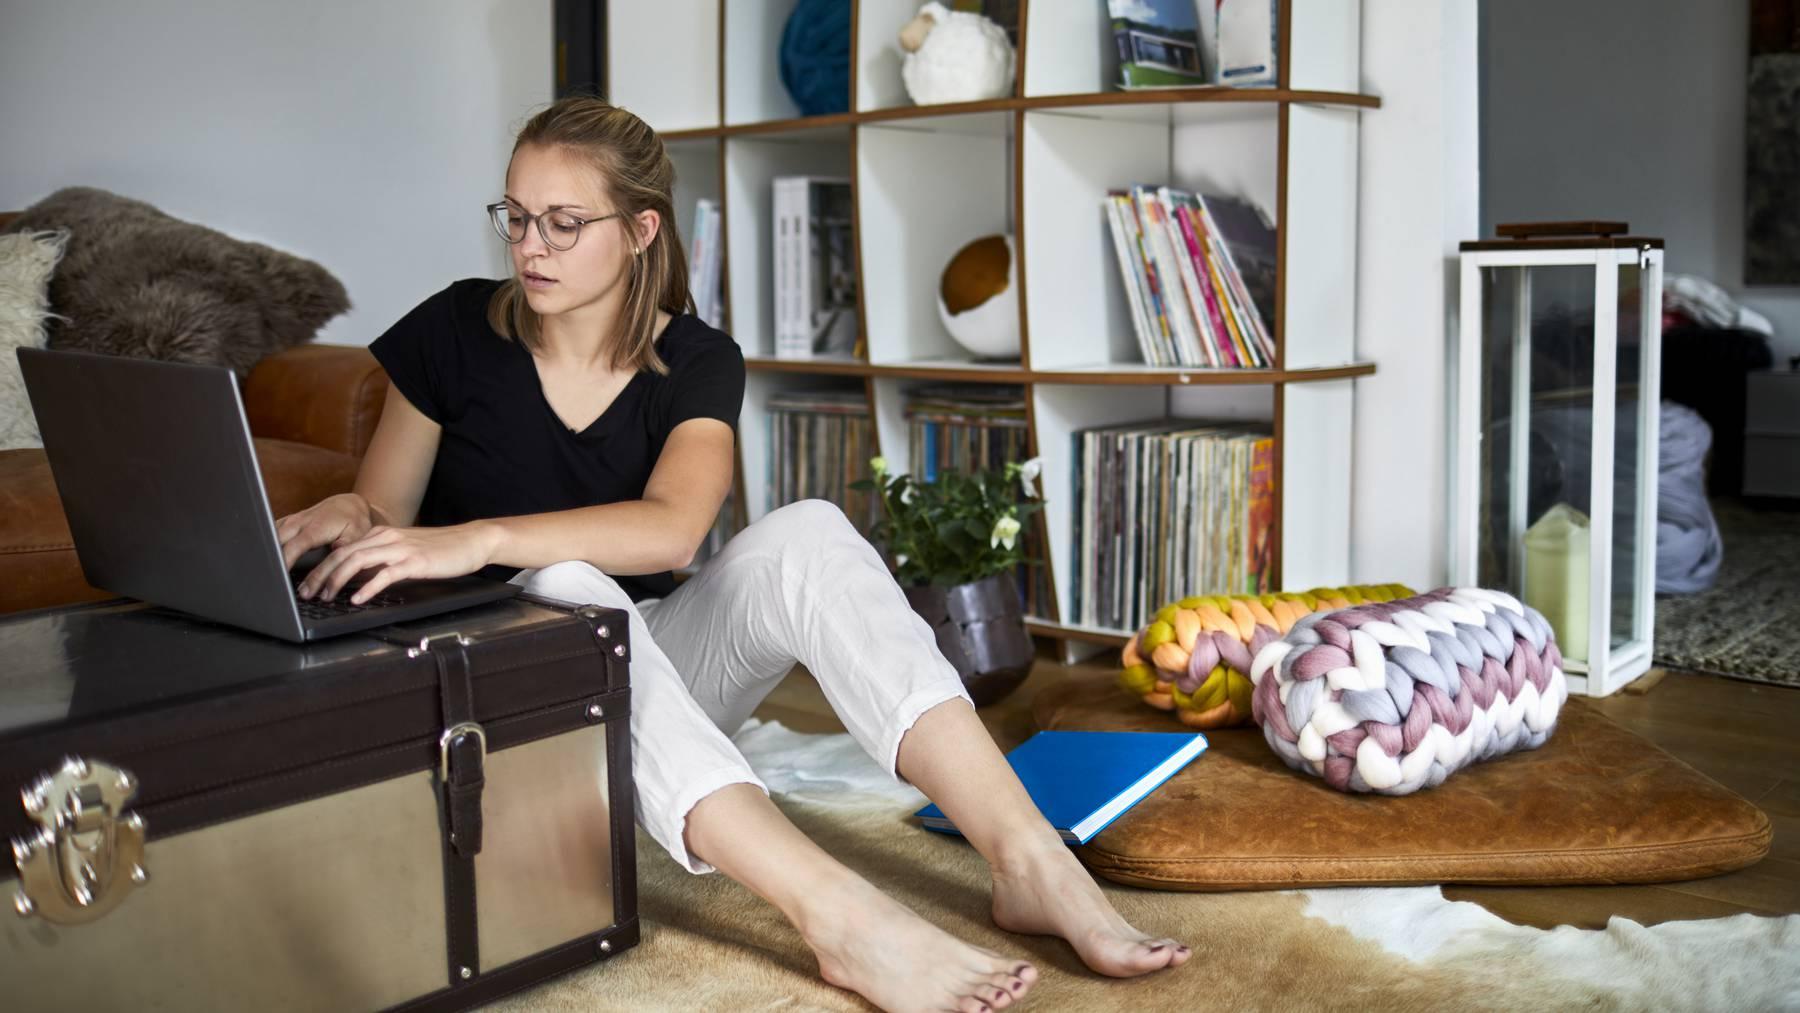 Falsche Körperhaltung und zu langes Sitzen kann zu schweren körperlichen Folgen führen.